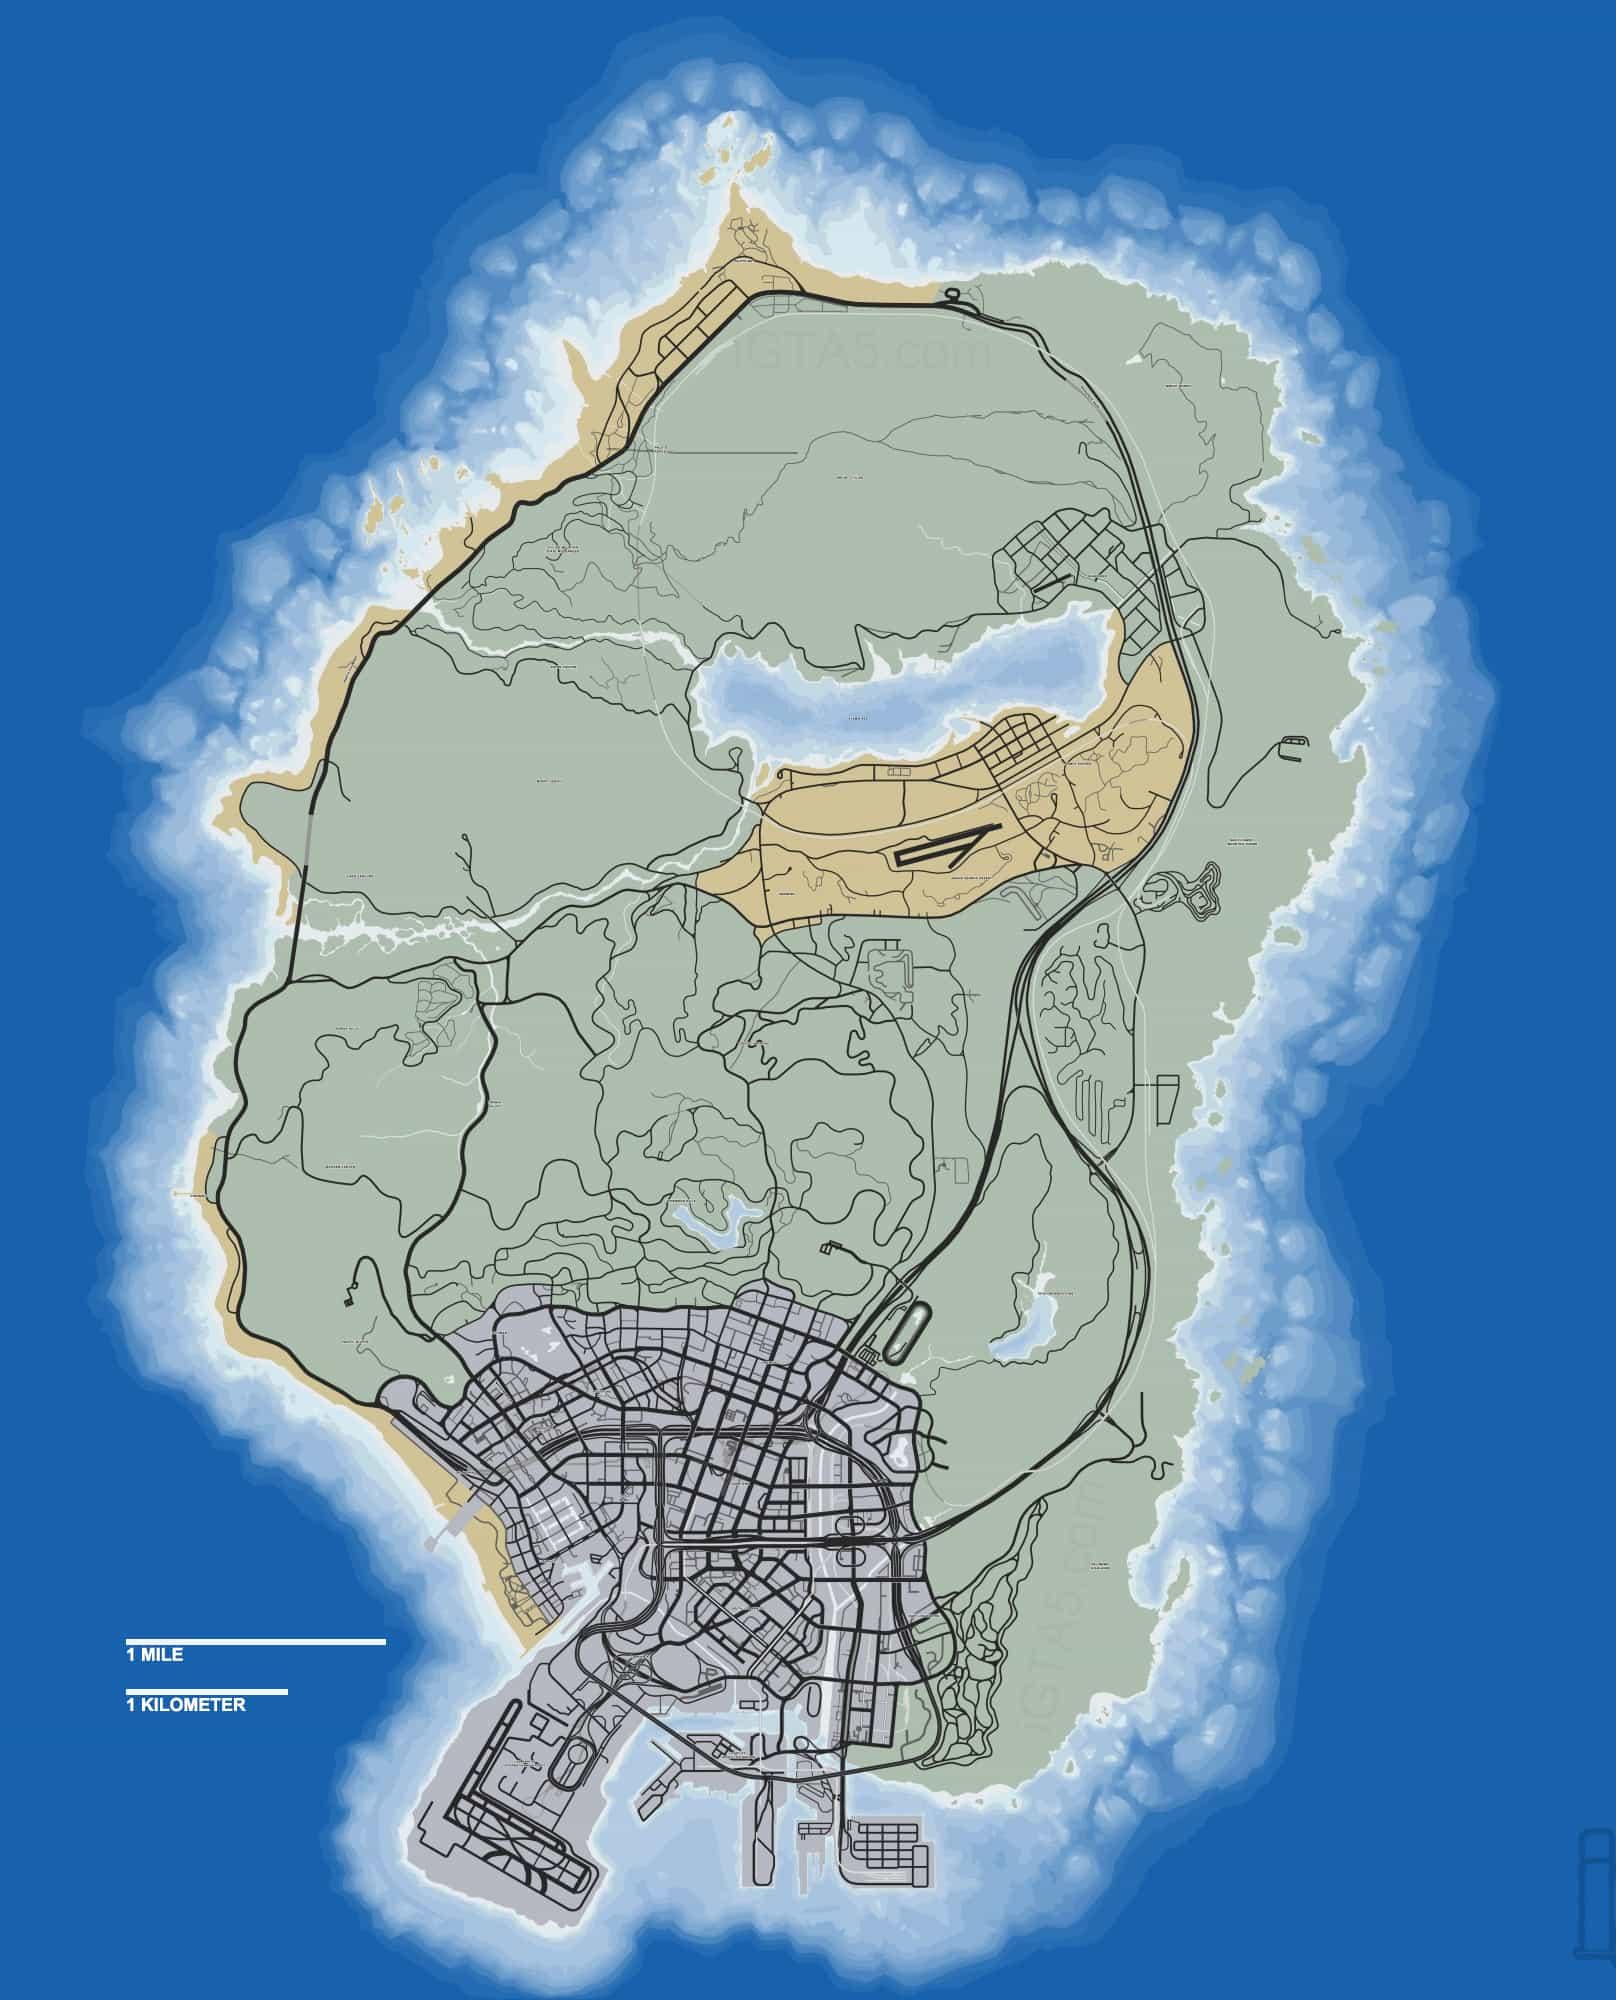 Gta V Map Size Fampa Bietthunghiduong Co